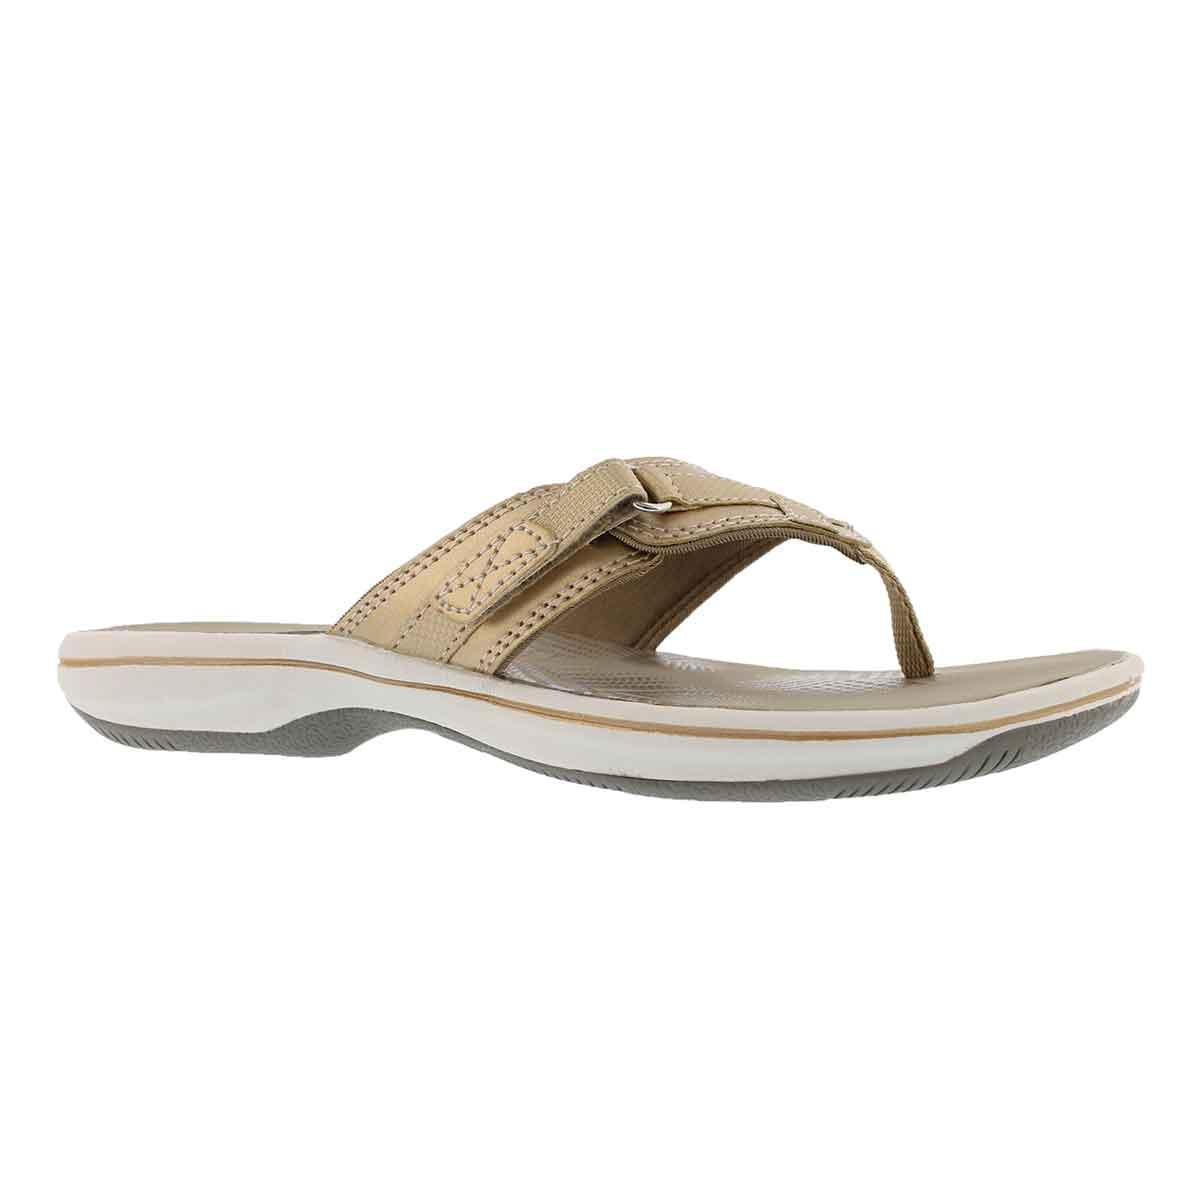 Women's BREEZE SEA gold thong sandals